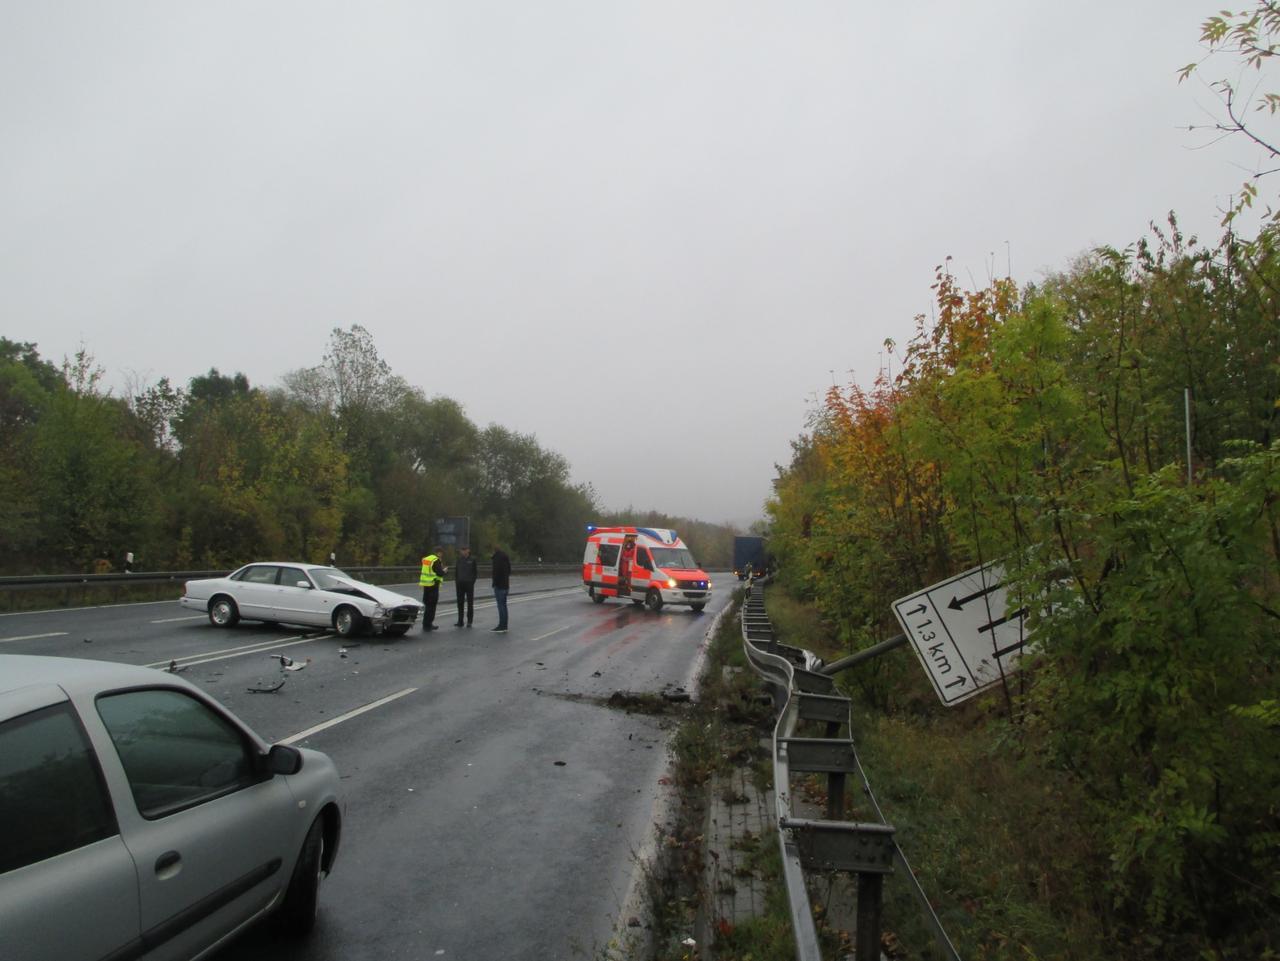 Frau bei Unfall auf B82 verletzt